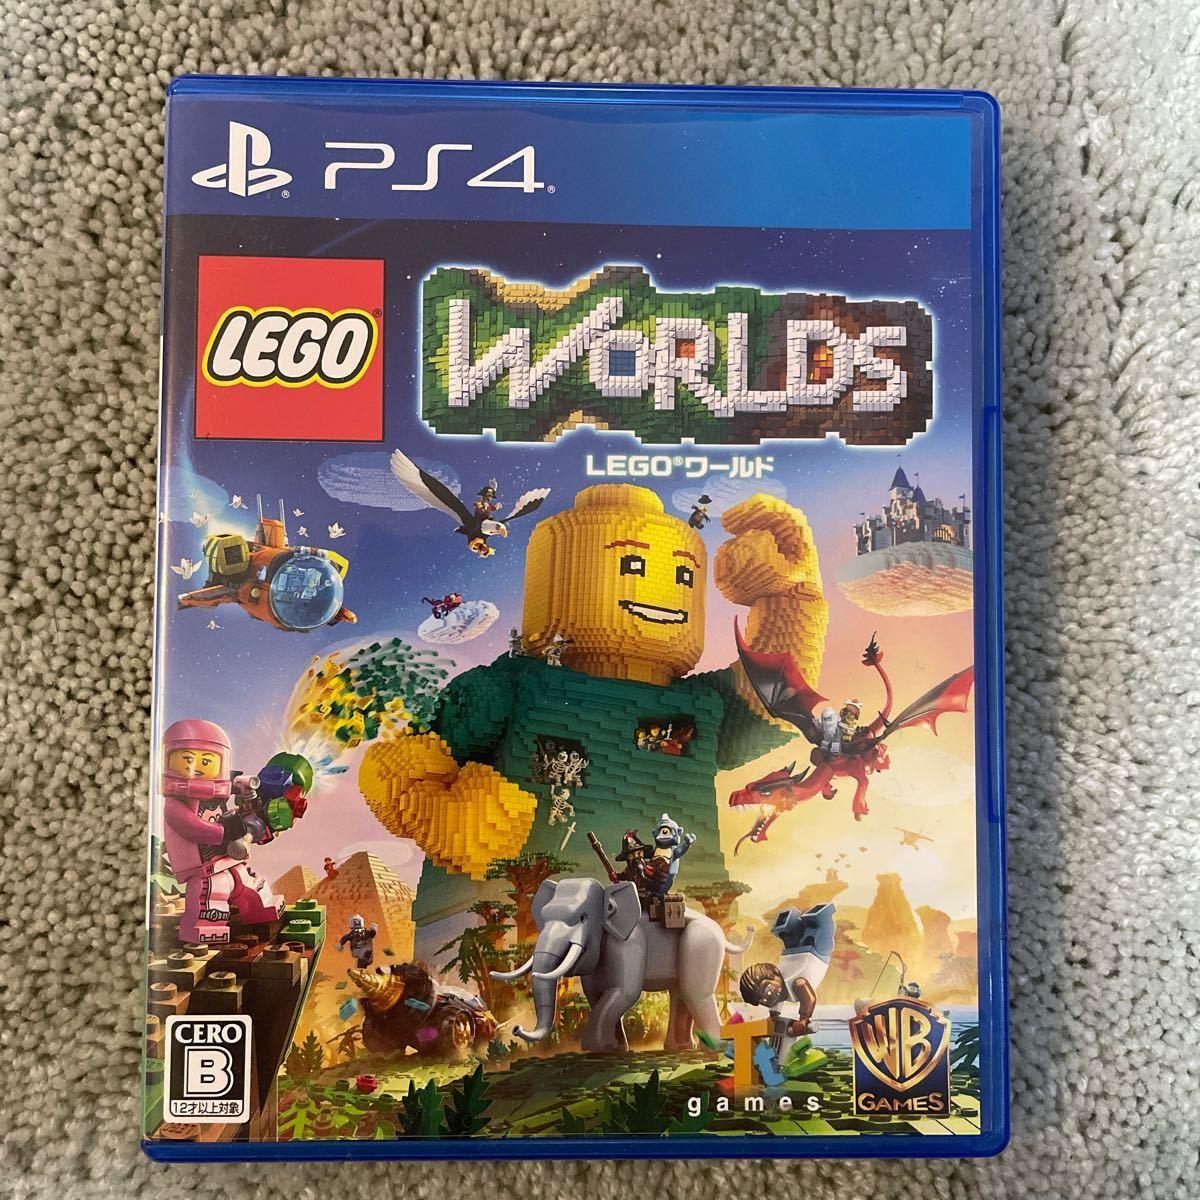 【PS4】 LEGO ワールド 目指せマスタービルダー